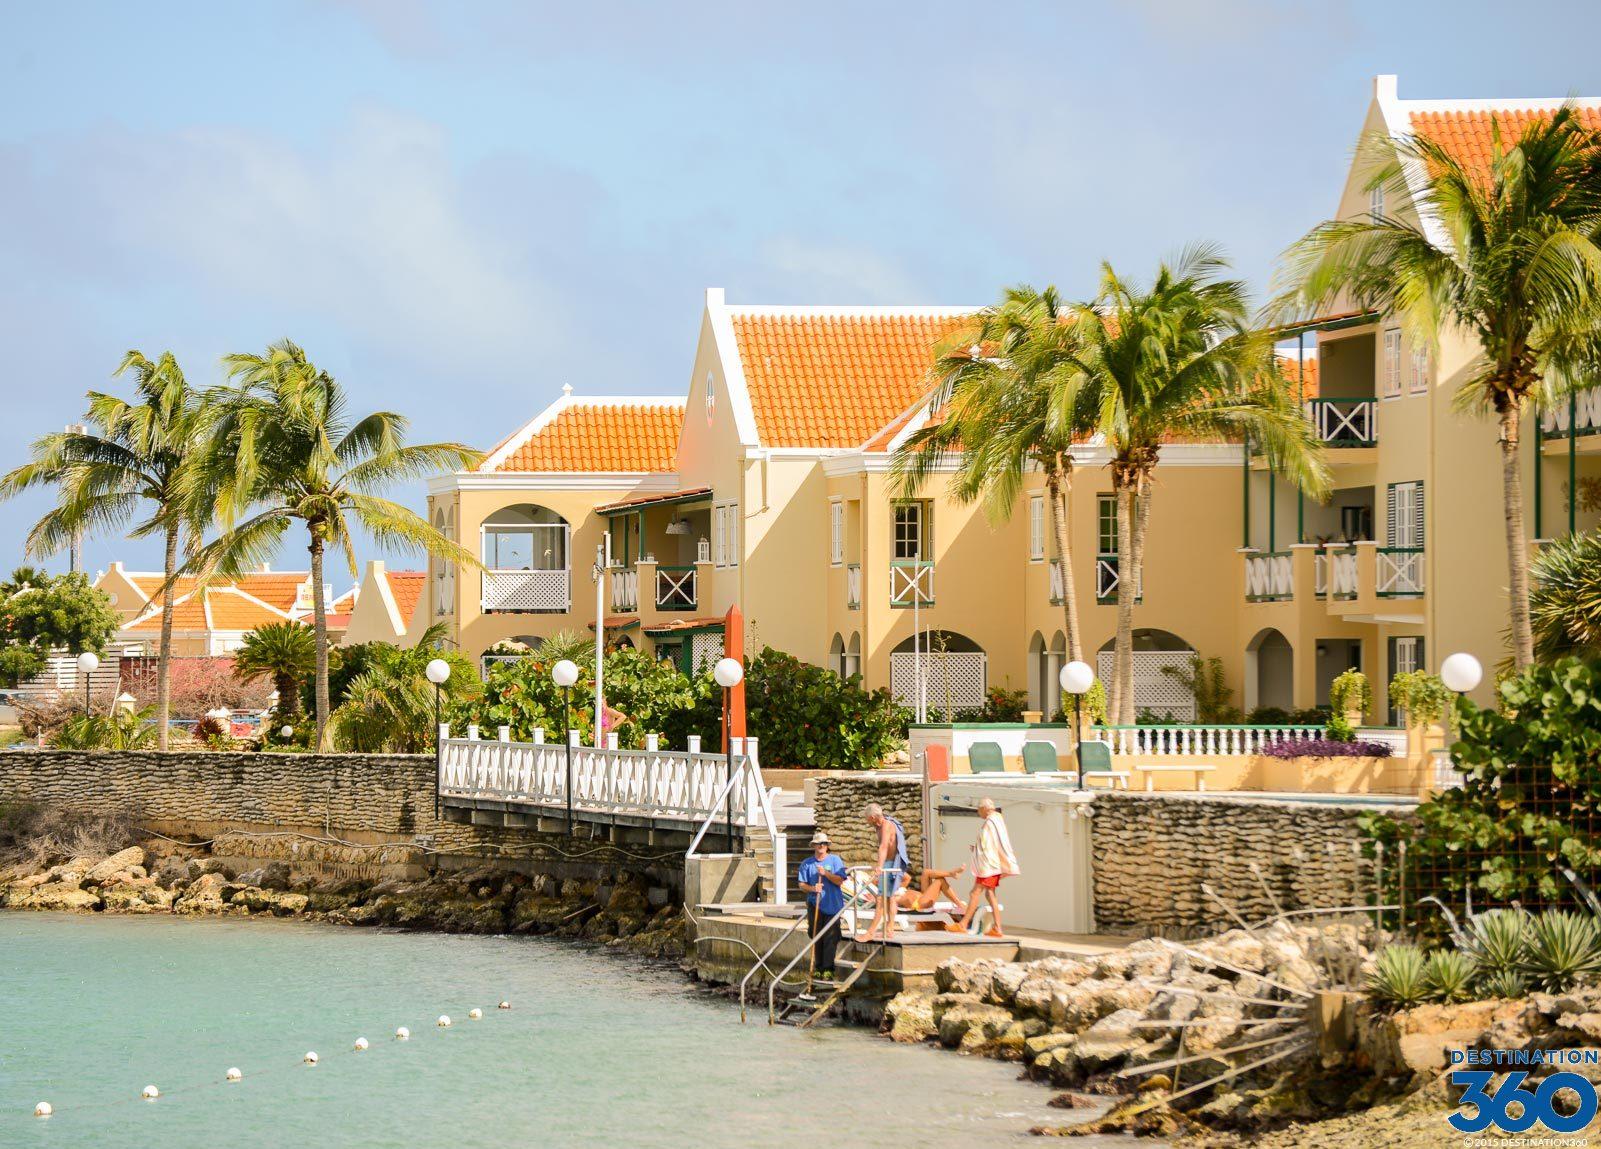 caribbean villas - caribbean villa rental - caribbean luxury villas